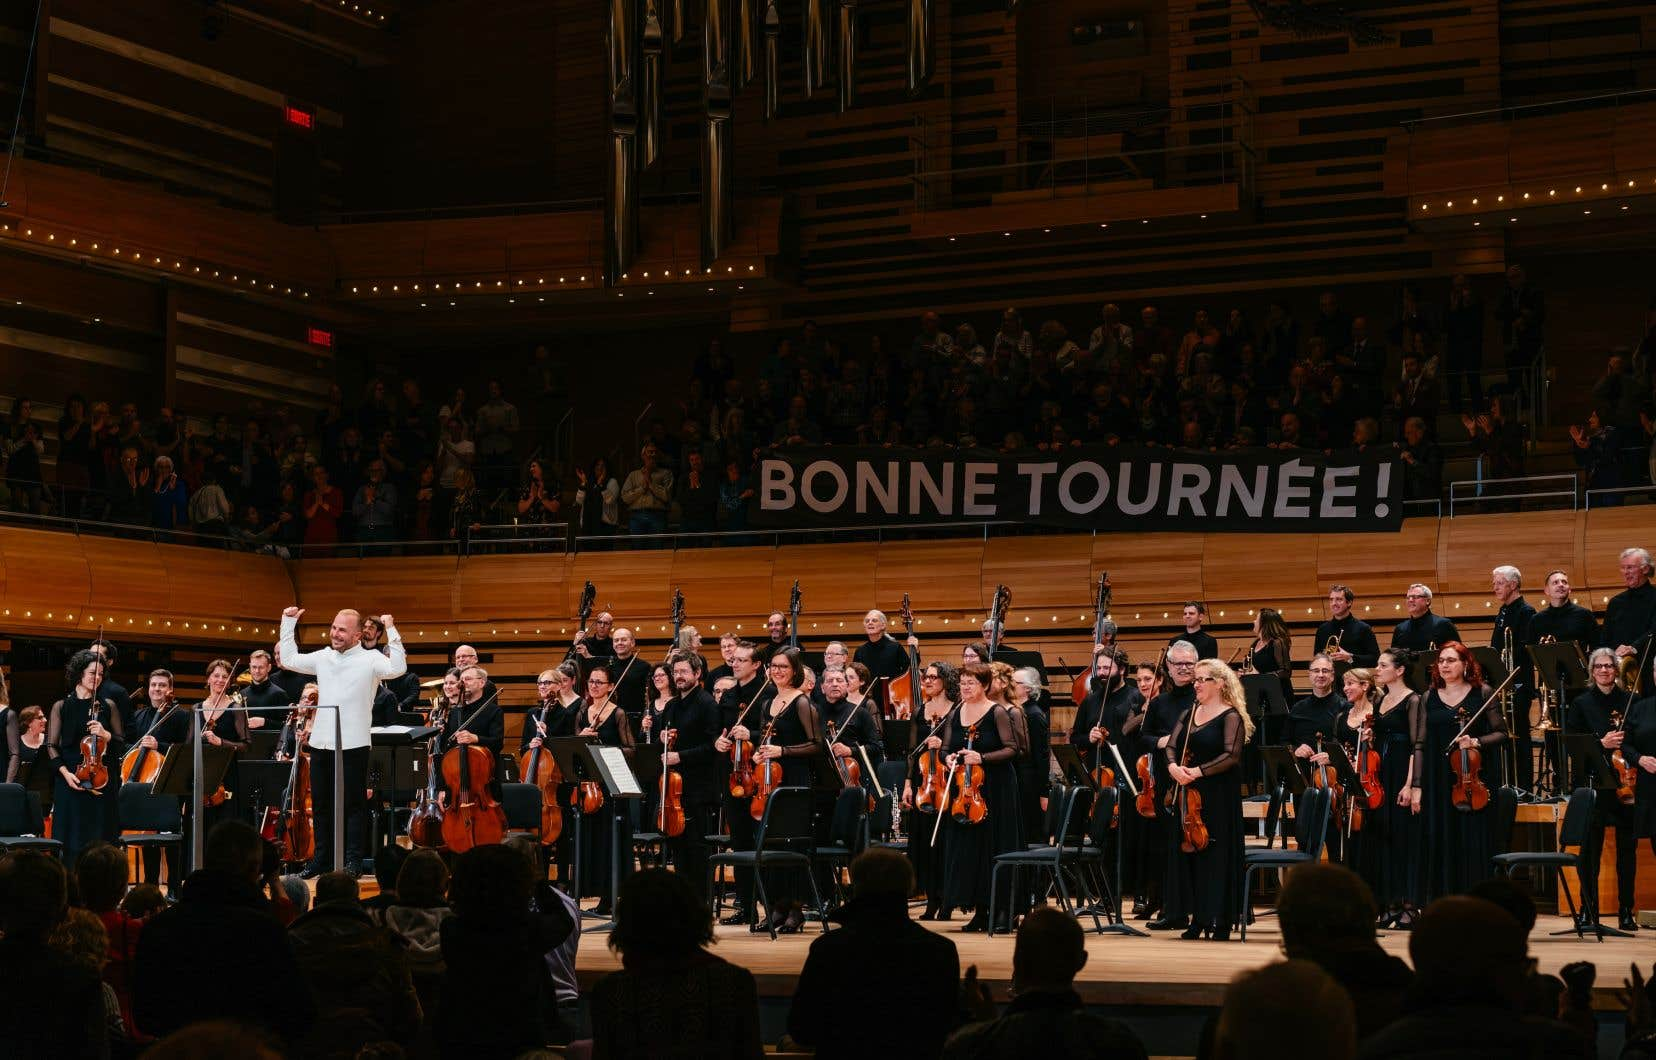 Parmi les raisons d'aller oser forcer le destin en allant jouer Bruckner aux États-Unis, il y a l'orchestre, et notamment ses cuivres. Ils ont été à la hauteur des espérances, de même que le clarinettiste Simon Aldrich.